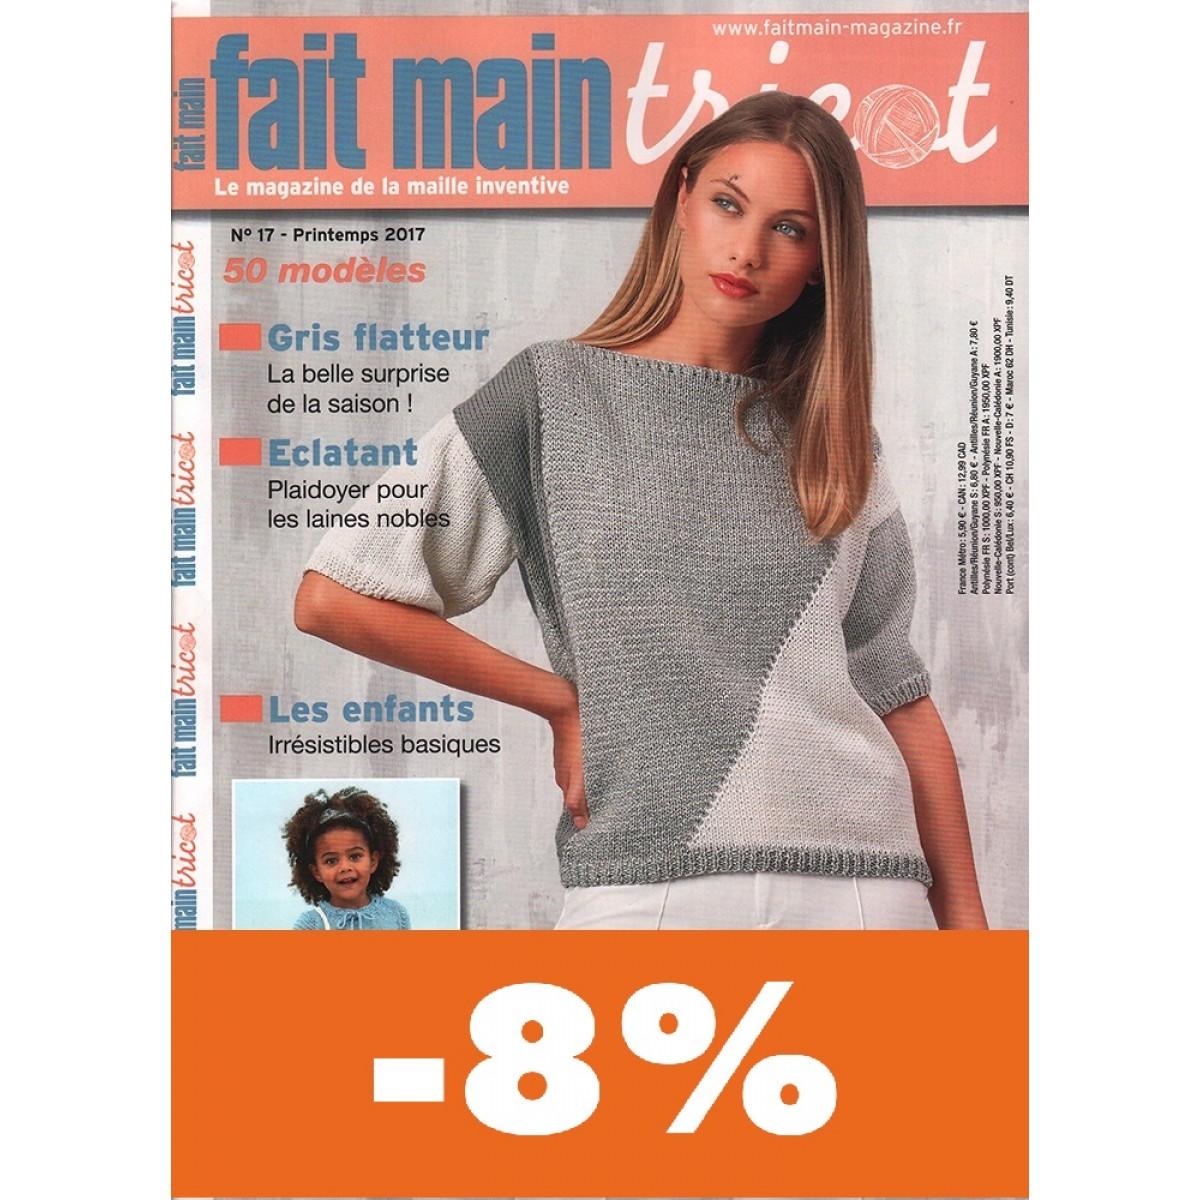 abonnement fait main tricot pas cher mag24 discount. Black Bedroom Furniture Sets. Home Design Ideas